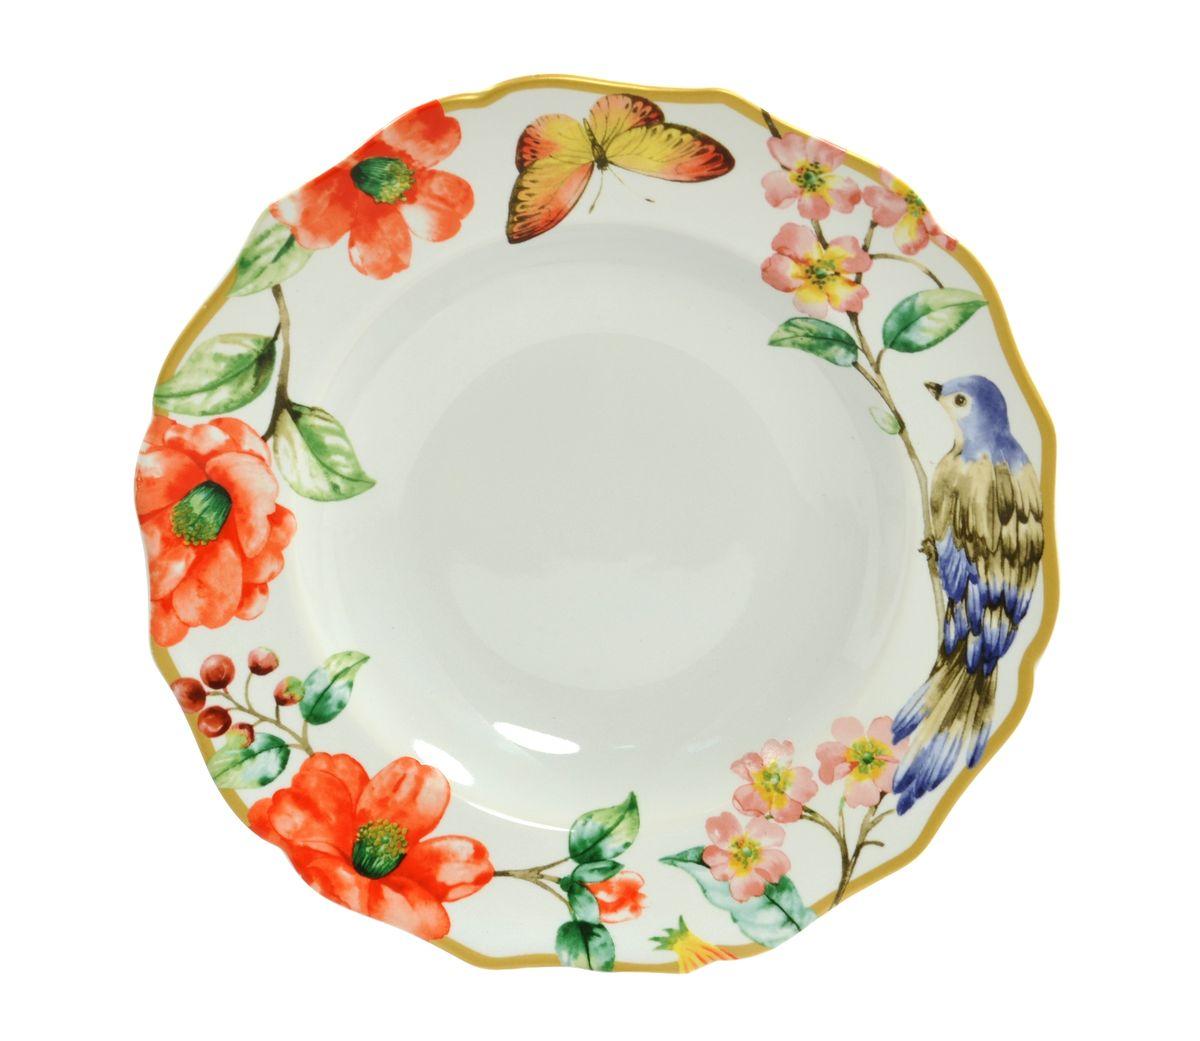 Тарелка глубокая Utana Райский сад, диаметр 23,5 смFS-91909Тарелка глубокая Utana Райский сад изготовлена из высококачественной керамики. Предназначена для красивой подачи различных блюд. Изделие декорировано ярким рисунком. Такая тарелка украсит сервировку стола и подчеркнет прекрасный вкус хозяйки.Можно мыть в посудомоечной машине и использовать в СВЧ. Диаметр: 23,5 см.Высота: 3,5 см.